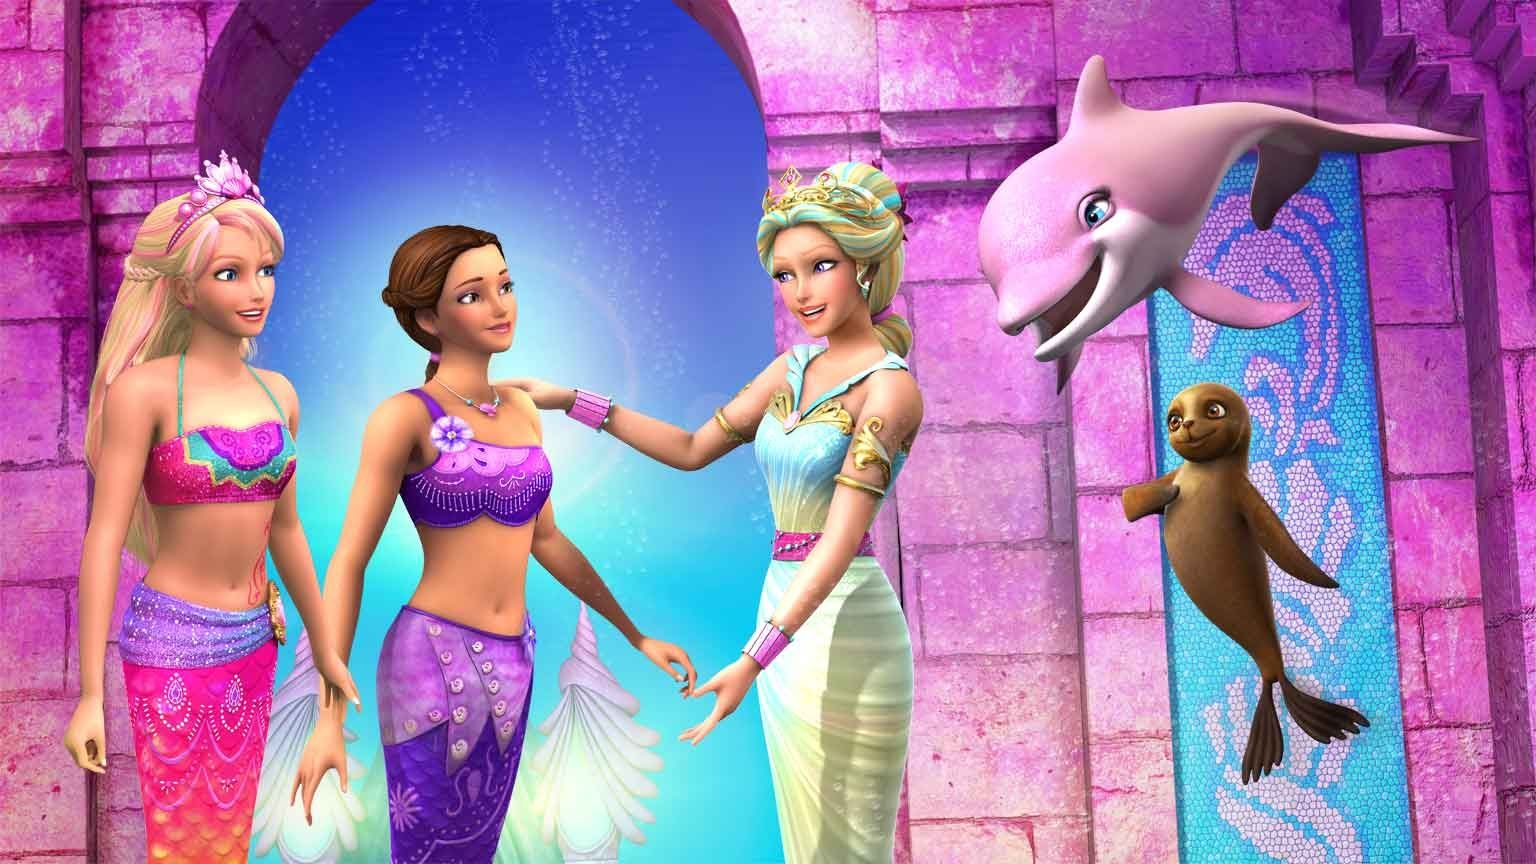 Pin By Kora On Films Barbie Barbie Cartoon Barbie Princess Mermaid Barbie Dibujos Animados De Barbie Películas De Barbie Barbie